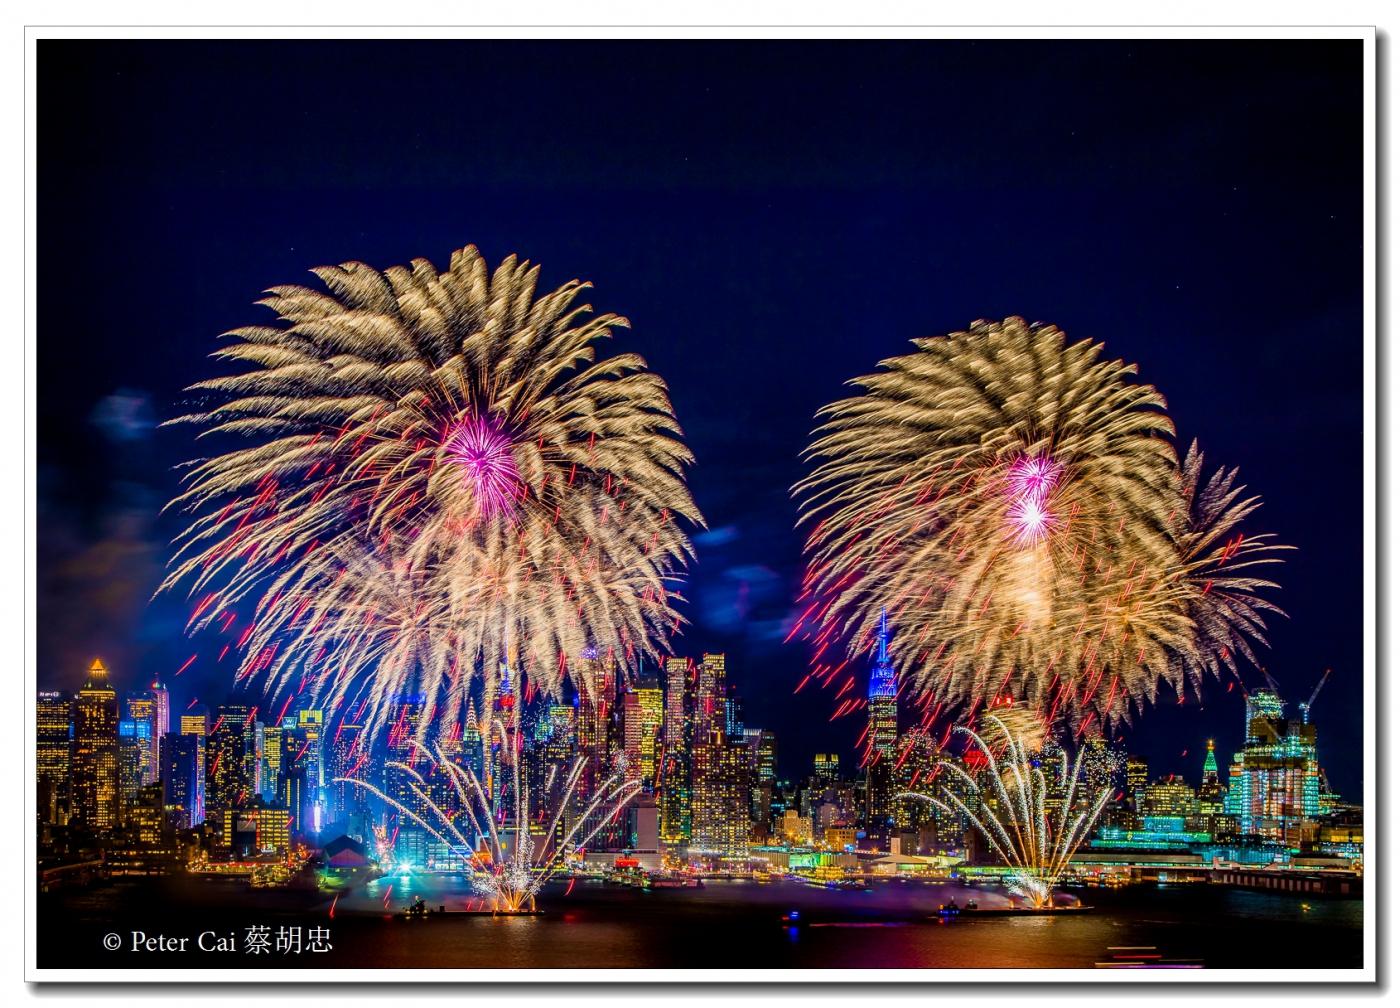 为庆祝中国新年, 纽约昨天晚上盛放焰火_图1-9